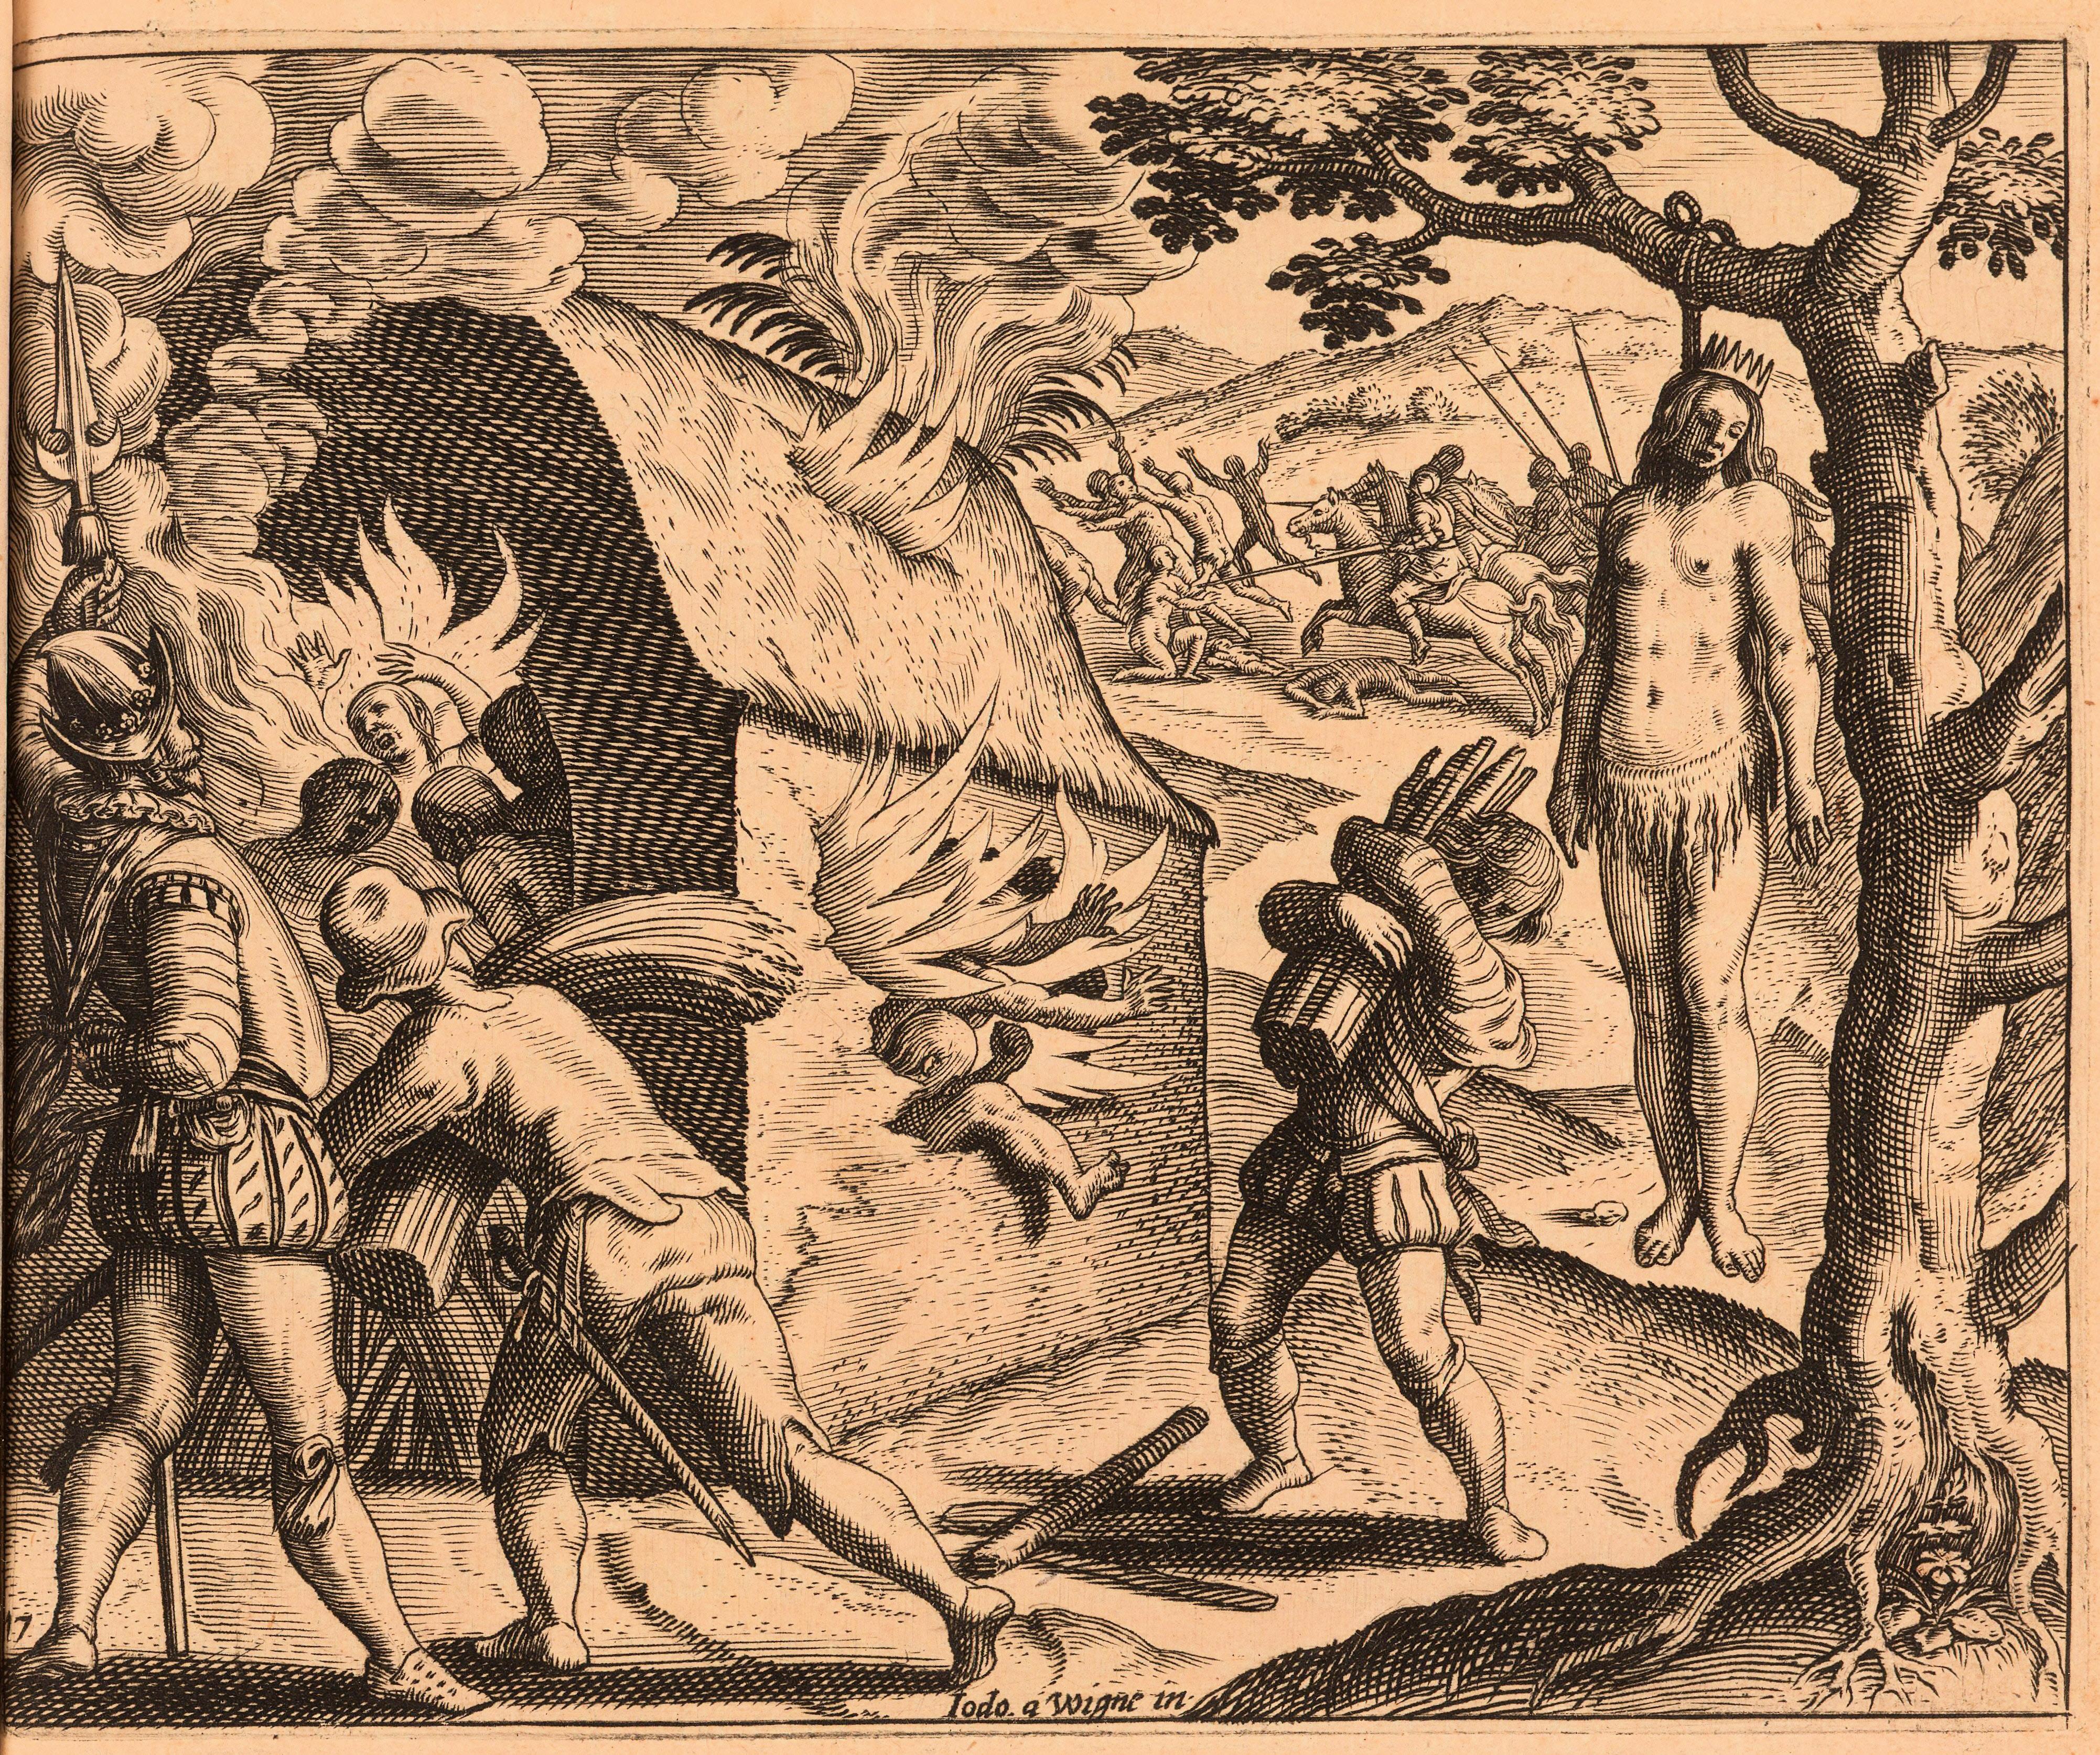 Jodocus van Winghe-ren 1598ko grabatua. 1503an konkistatzaileek Jaraguako Anacaona erregina, Higuemotaren ama, eta Hispaniola uharteko beste 80 buruzagi sarraskitu zituzten.